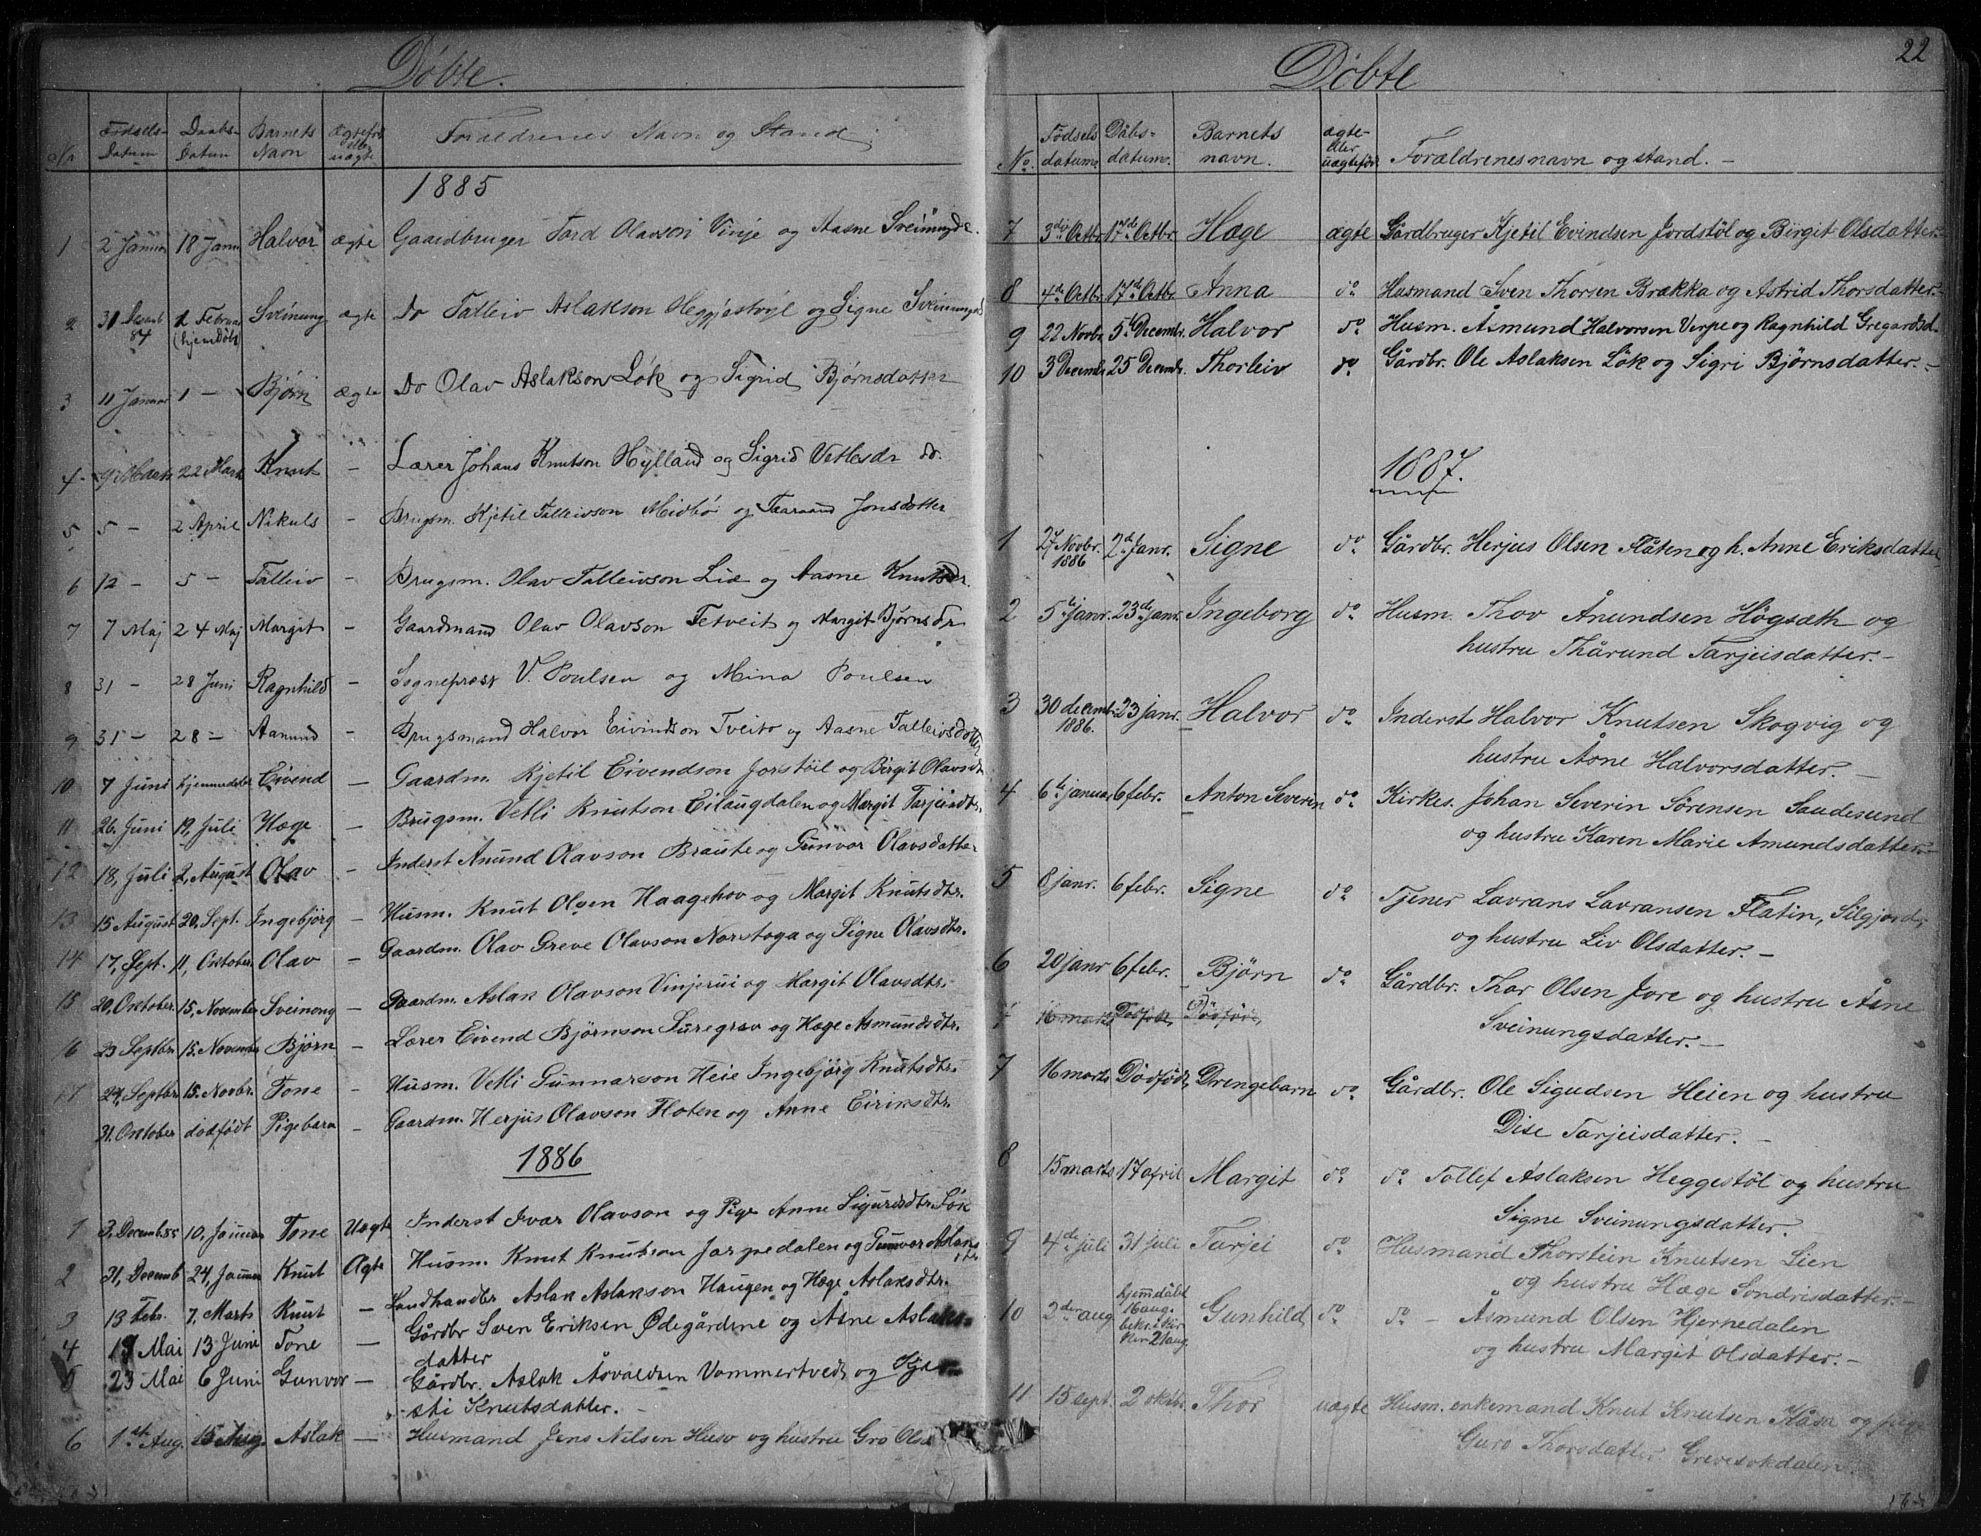 SAKO, Vinje kirkebøker, G/Ga/L0002: Klokkerbok nr. I 2, 1849-1893, s. 22